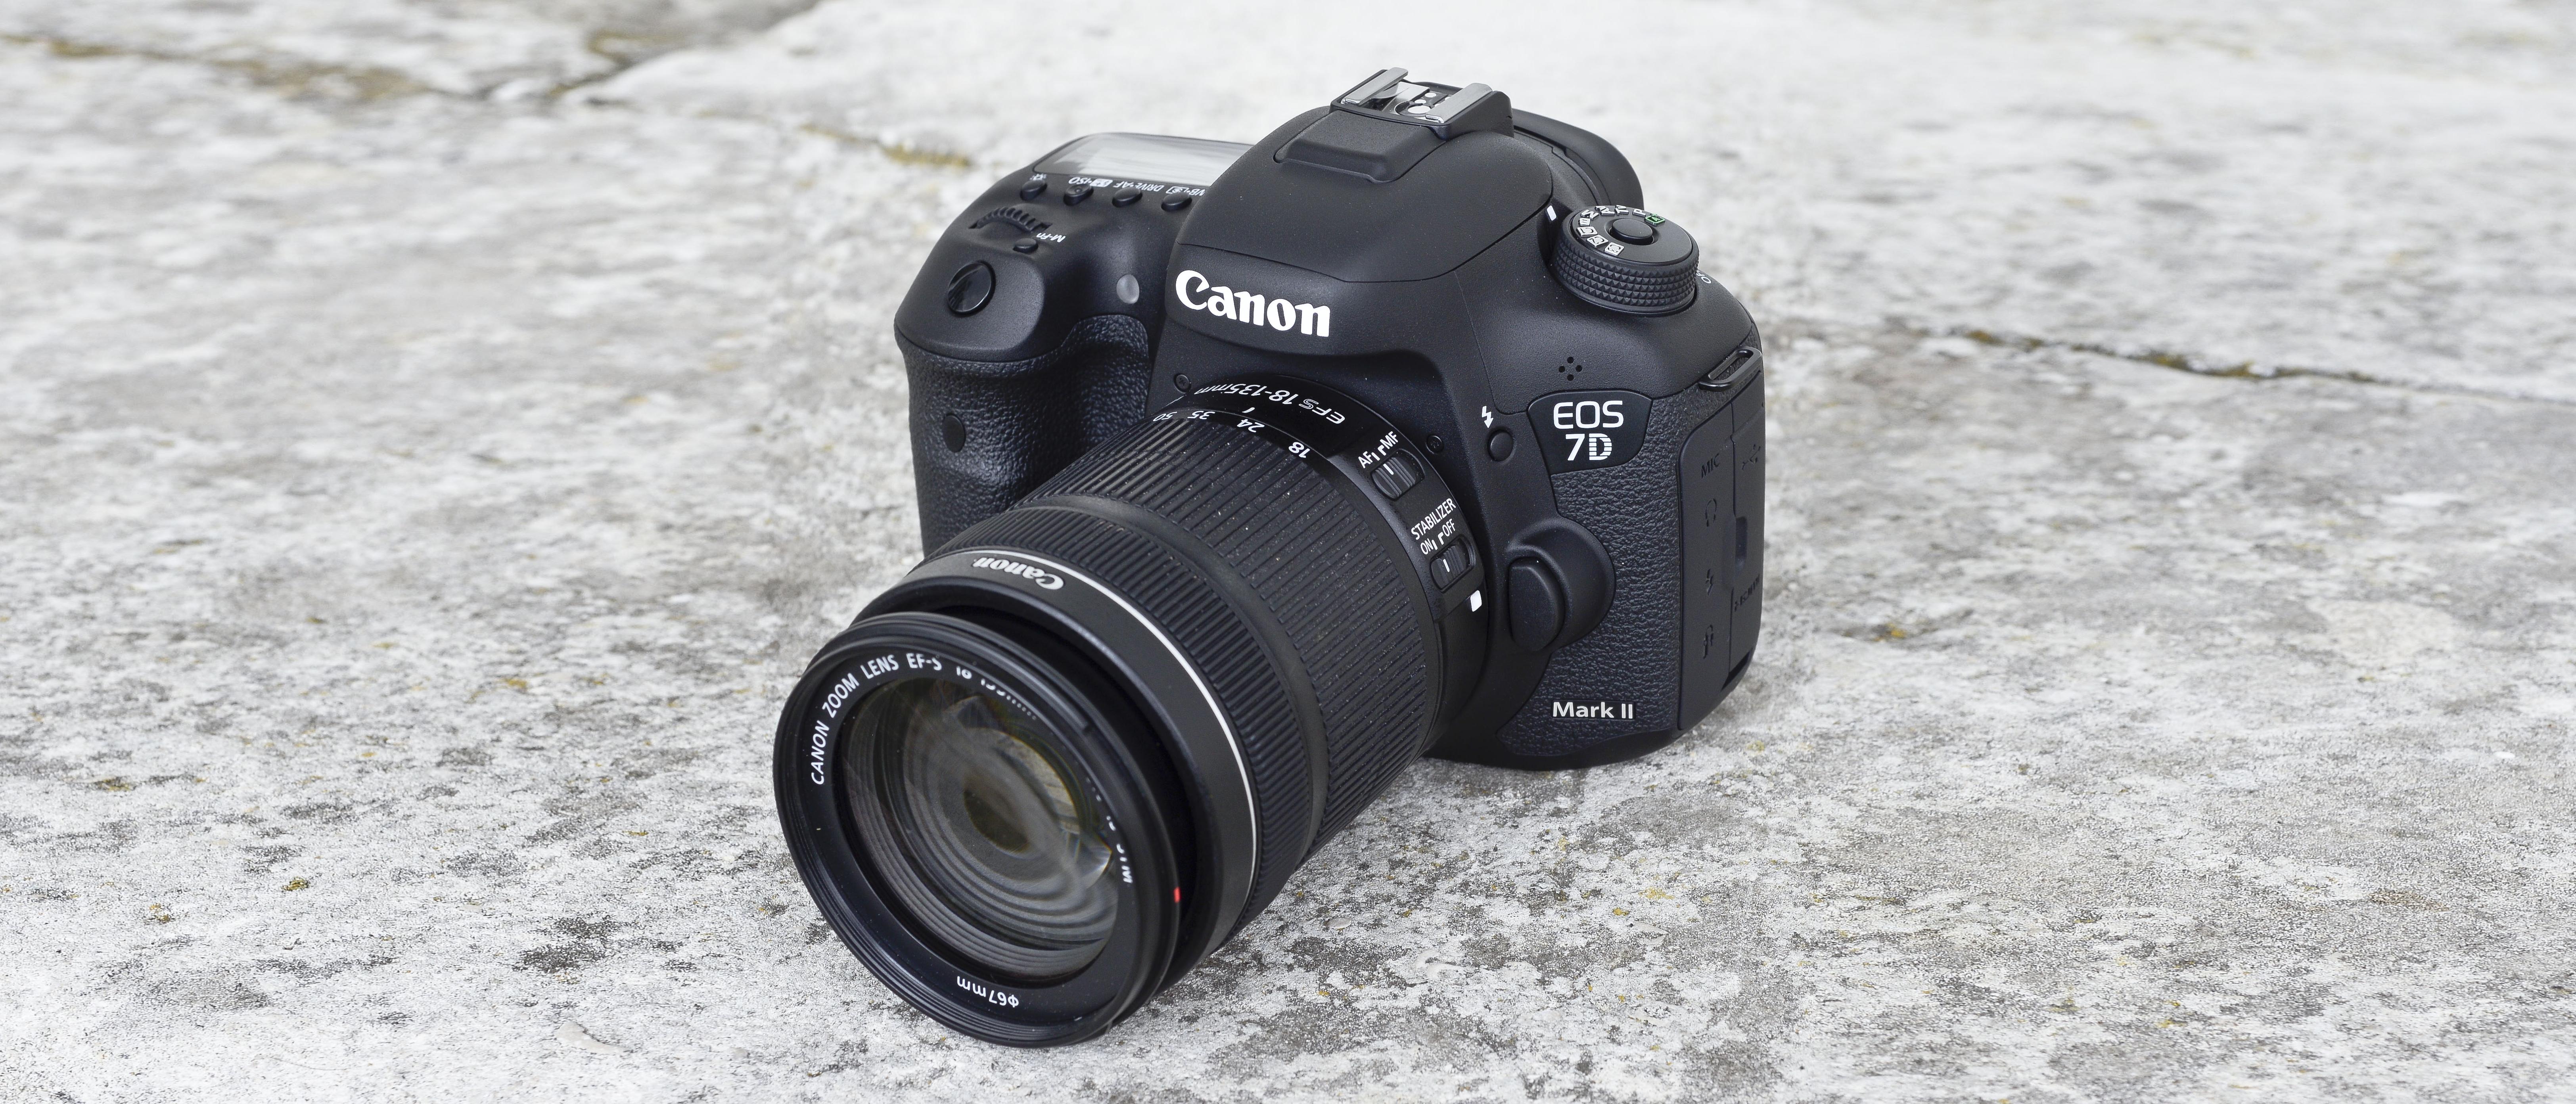 Canon EOS 7D Mark II review | TechRadar